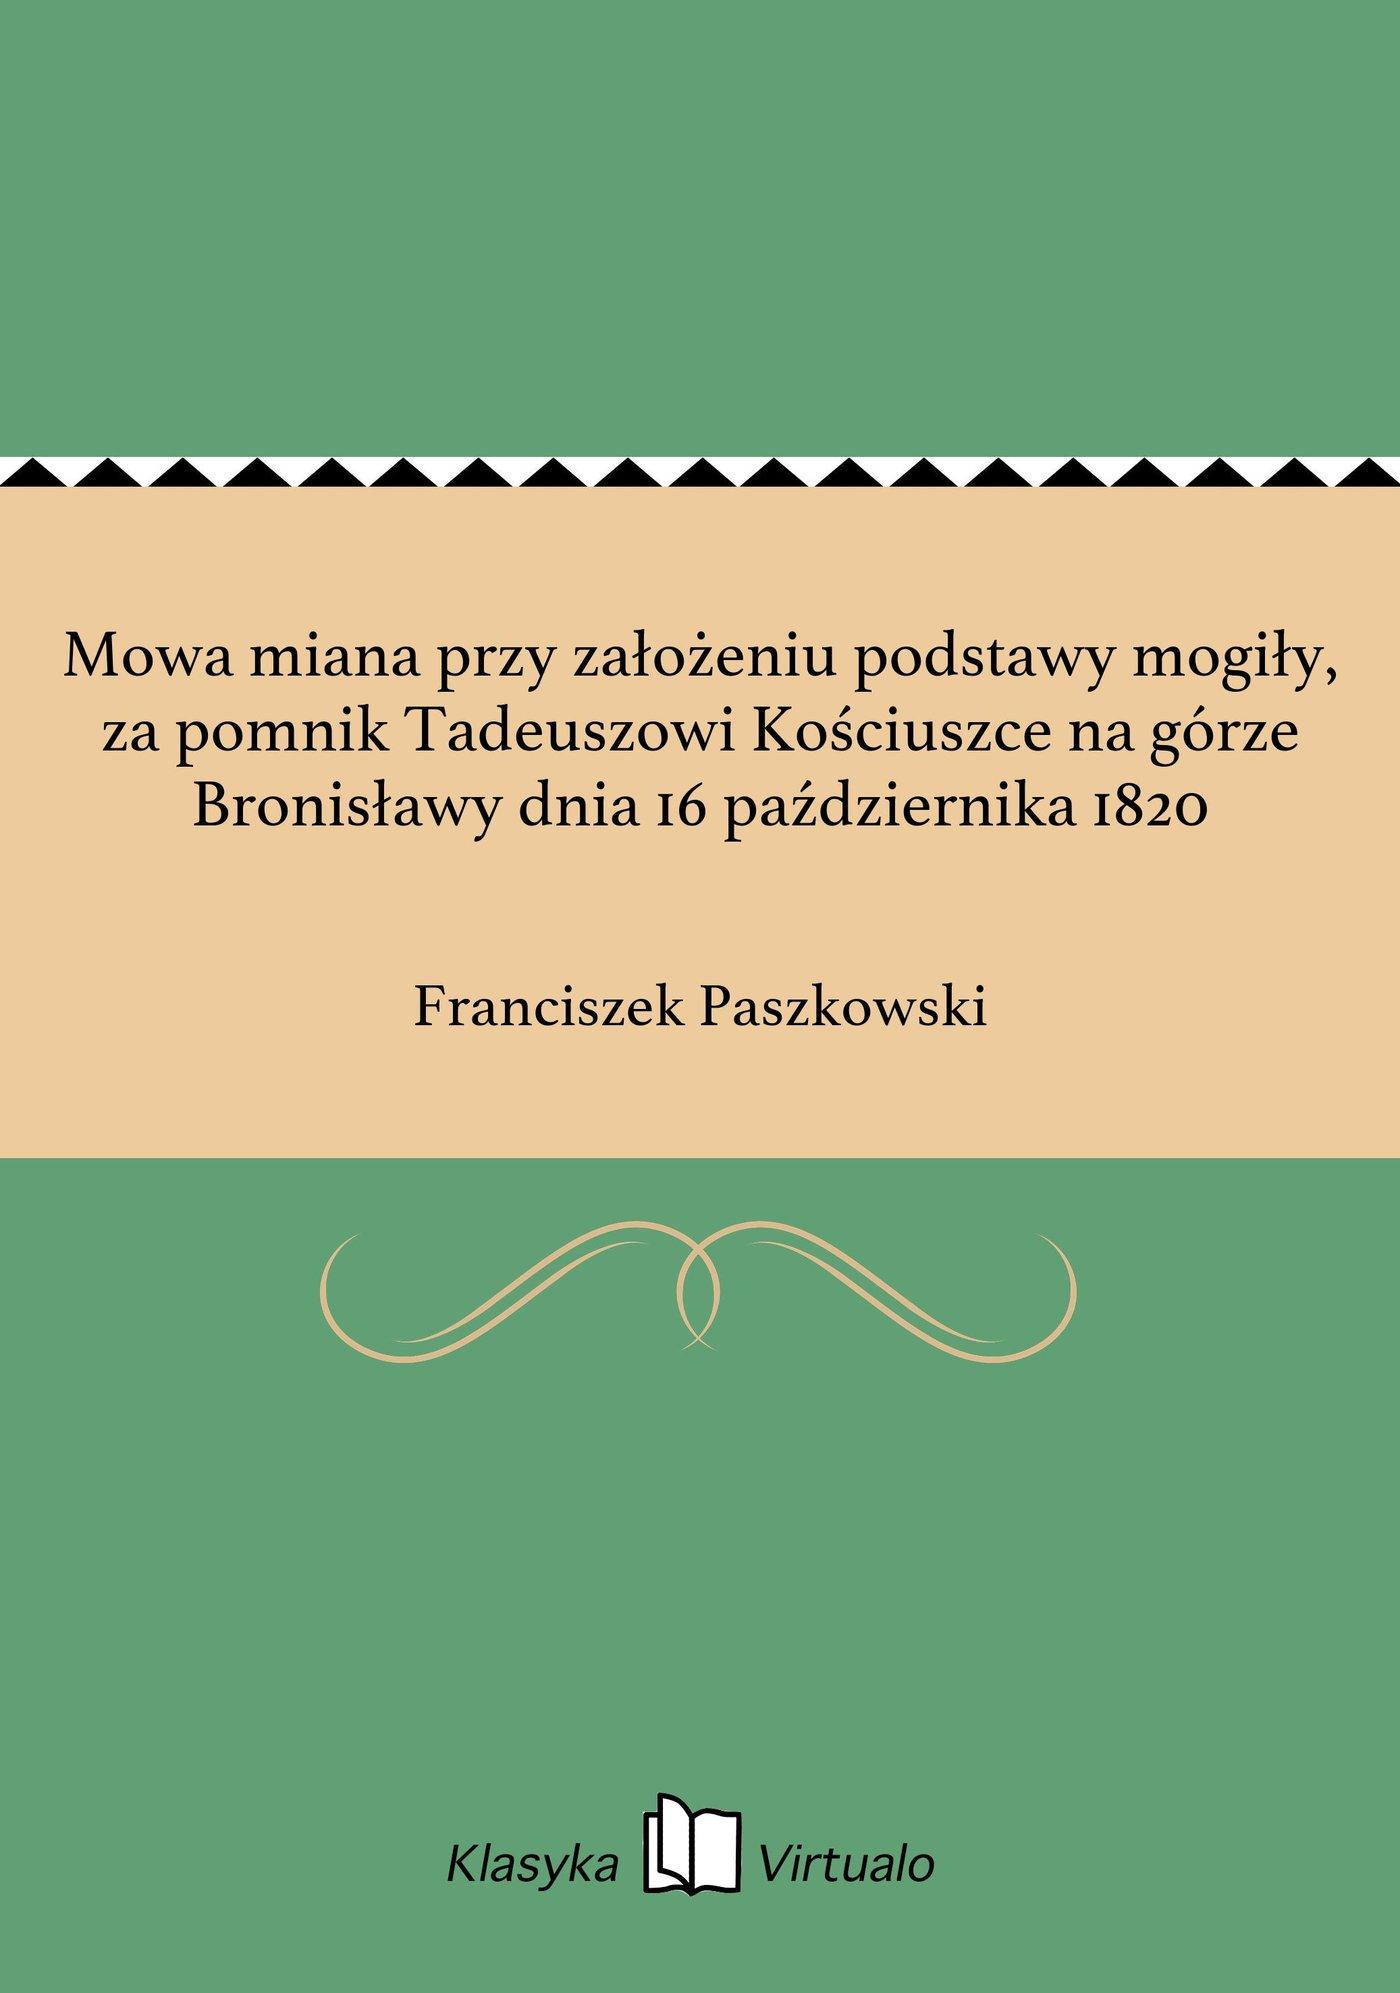 Mowa miana przy założeniu podstawy mogiły, za pomnik Tadeuszowi Kościuszce na górze Bronisławy dnia 16 października 1820 - Ebook (Książka EPUB) do pobrania w formacie EPUB